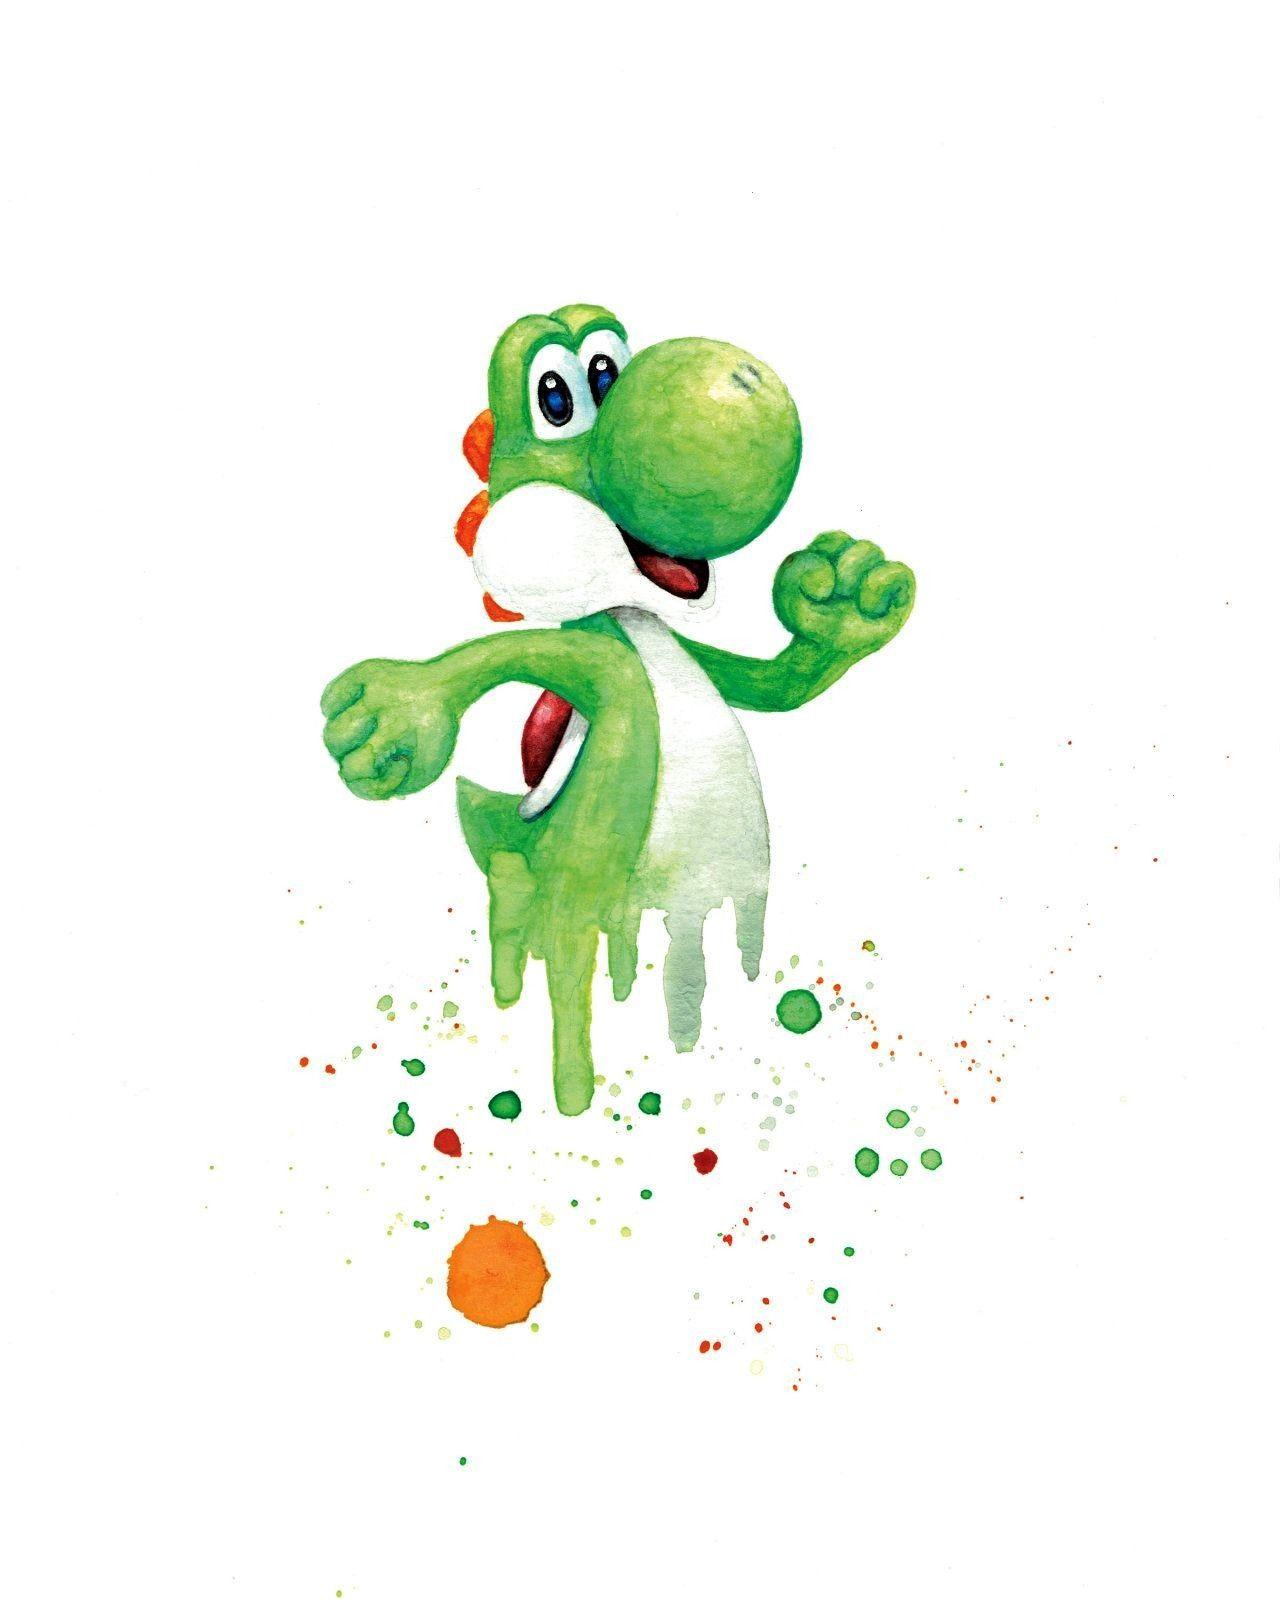 Bros Watercolors made byShahuskies -Smash Bros Watercolors made byShahuskies -  staticblu:Finis